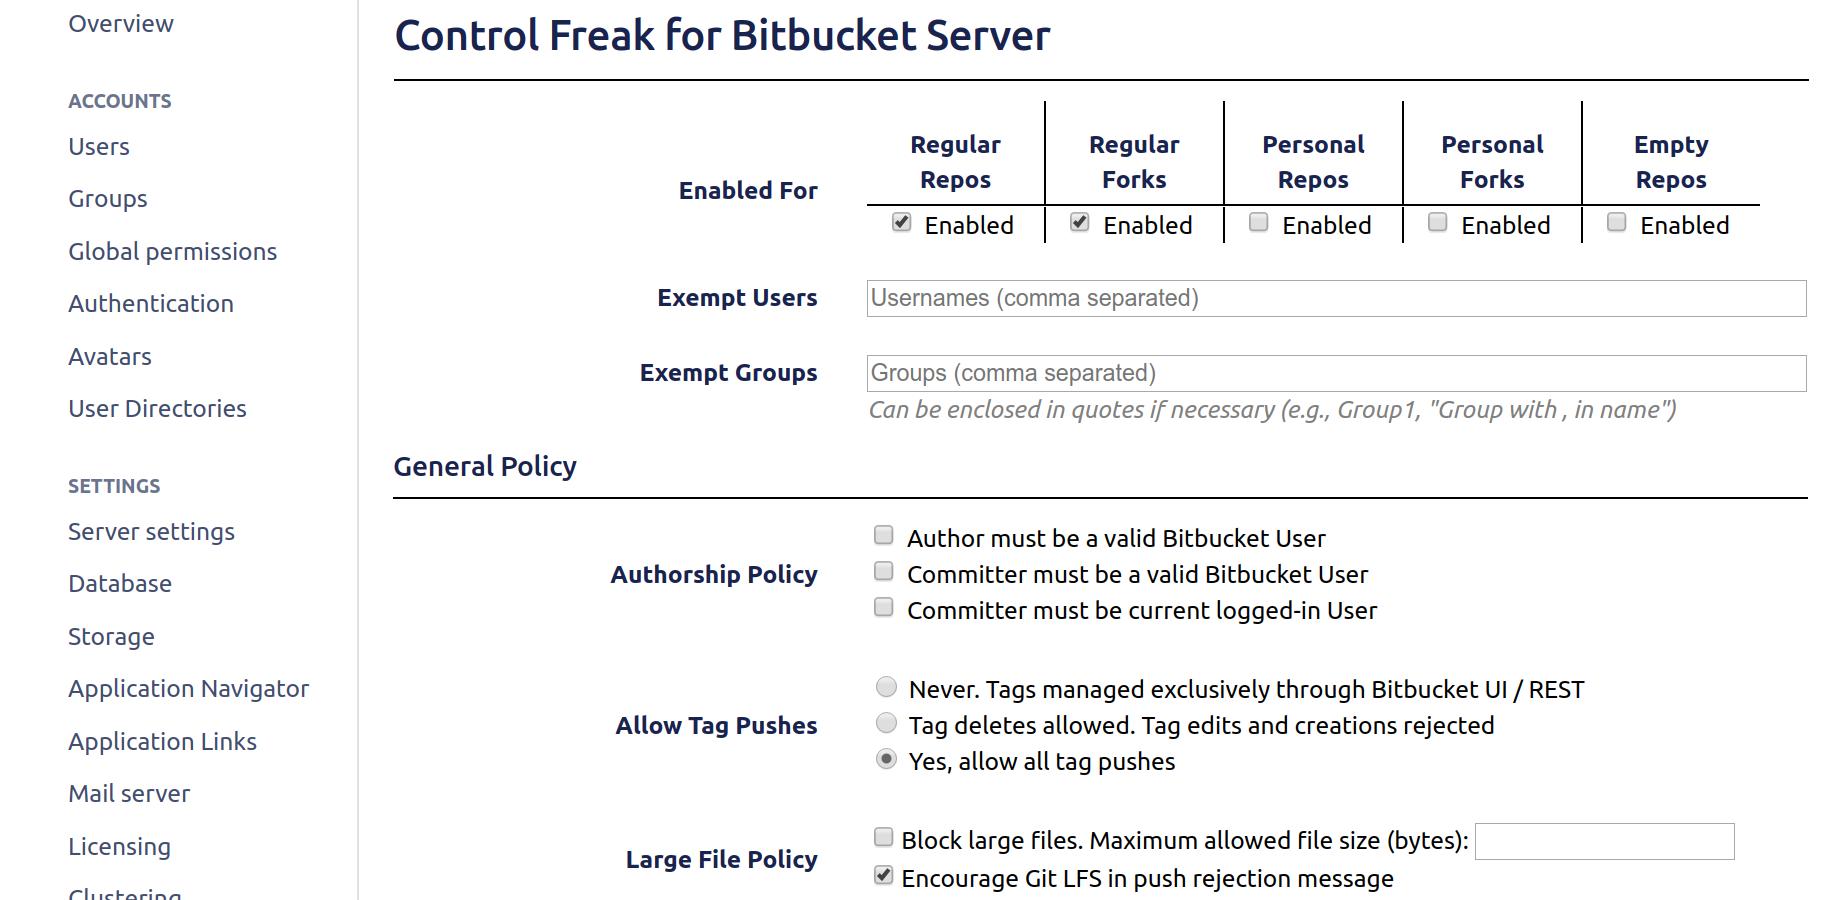 Control Freak Hook for Bitbucket 3